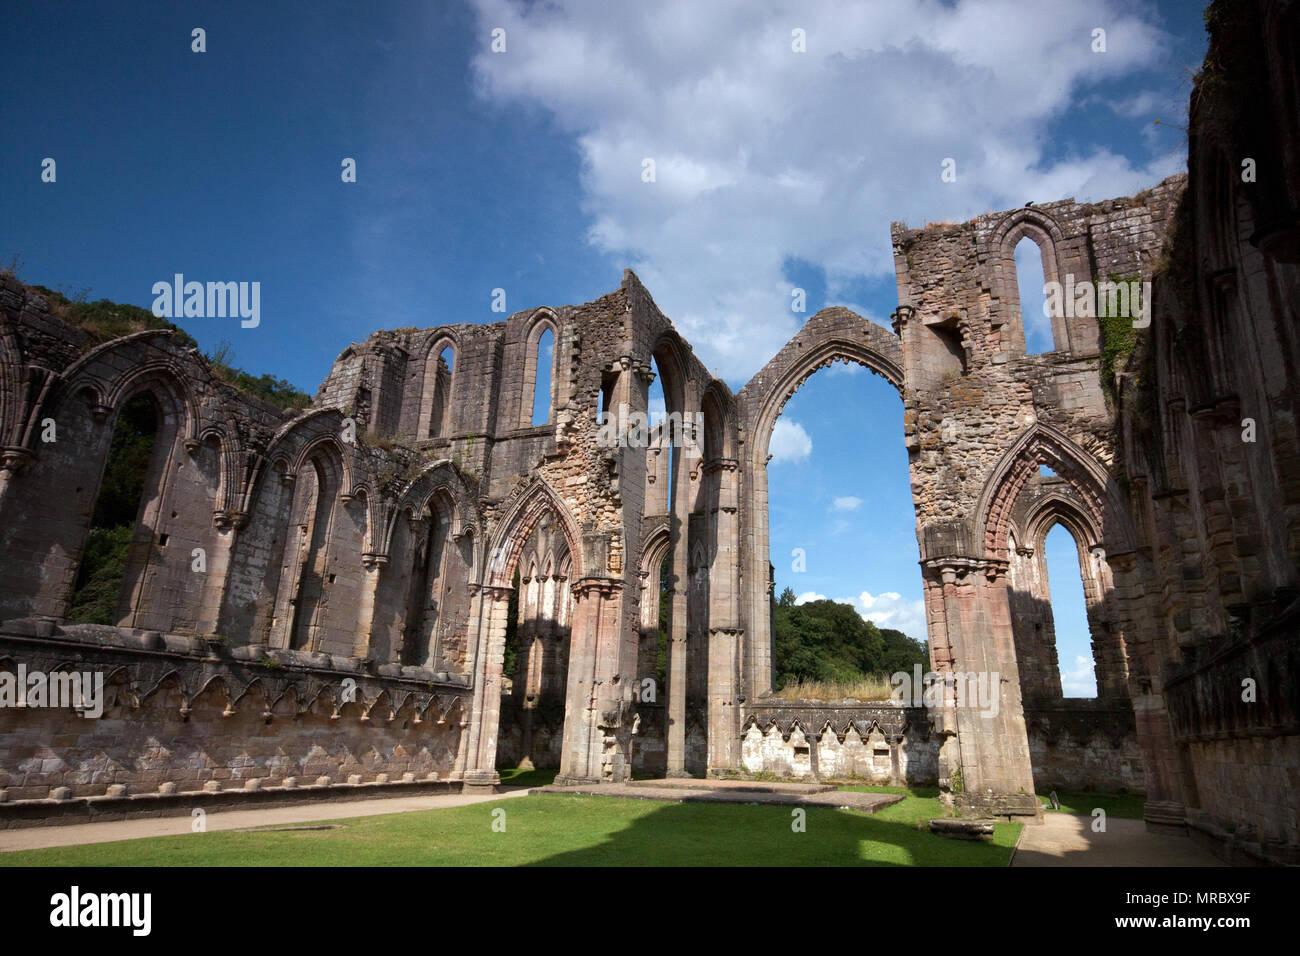 Avec l'architecture gothique grand archs dans l'intérieur du monastère en ruines de l'abbaye de Fountains, Ripon, UK Photo Stock